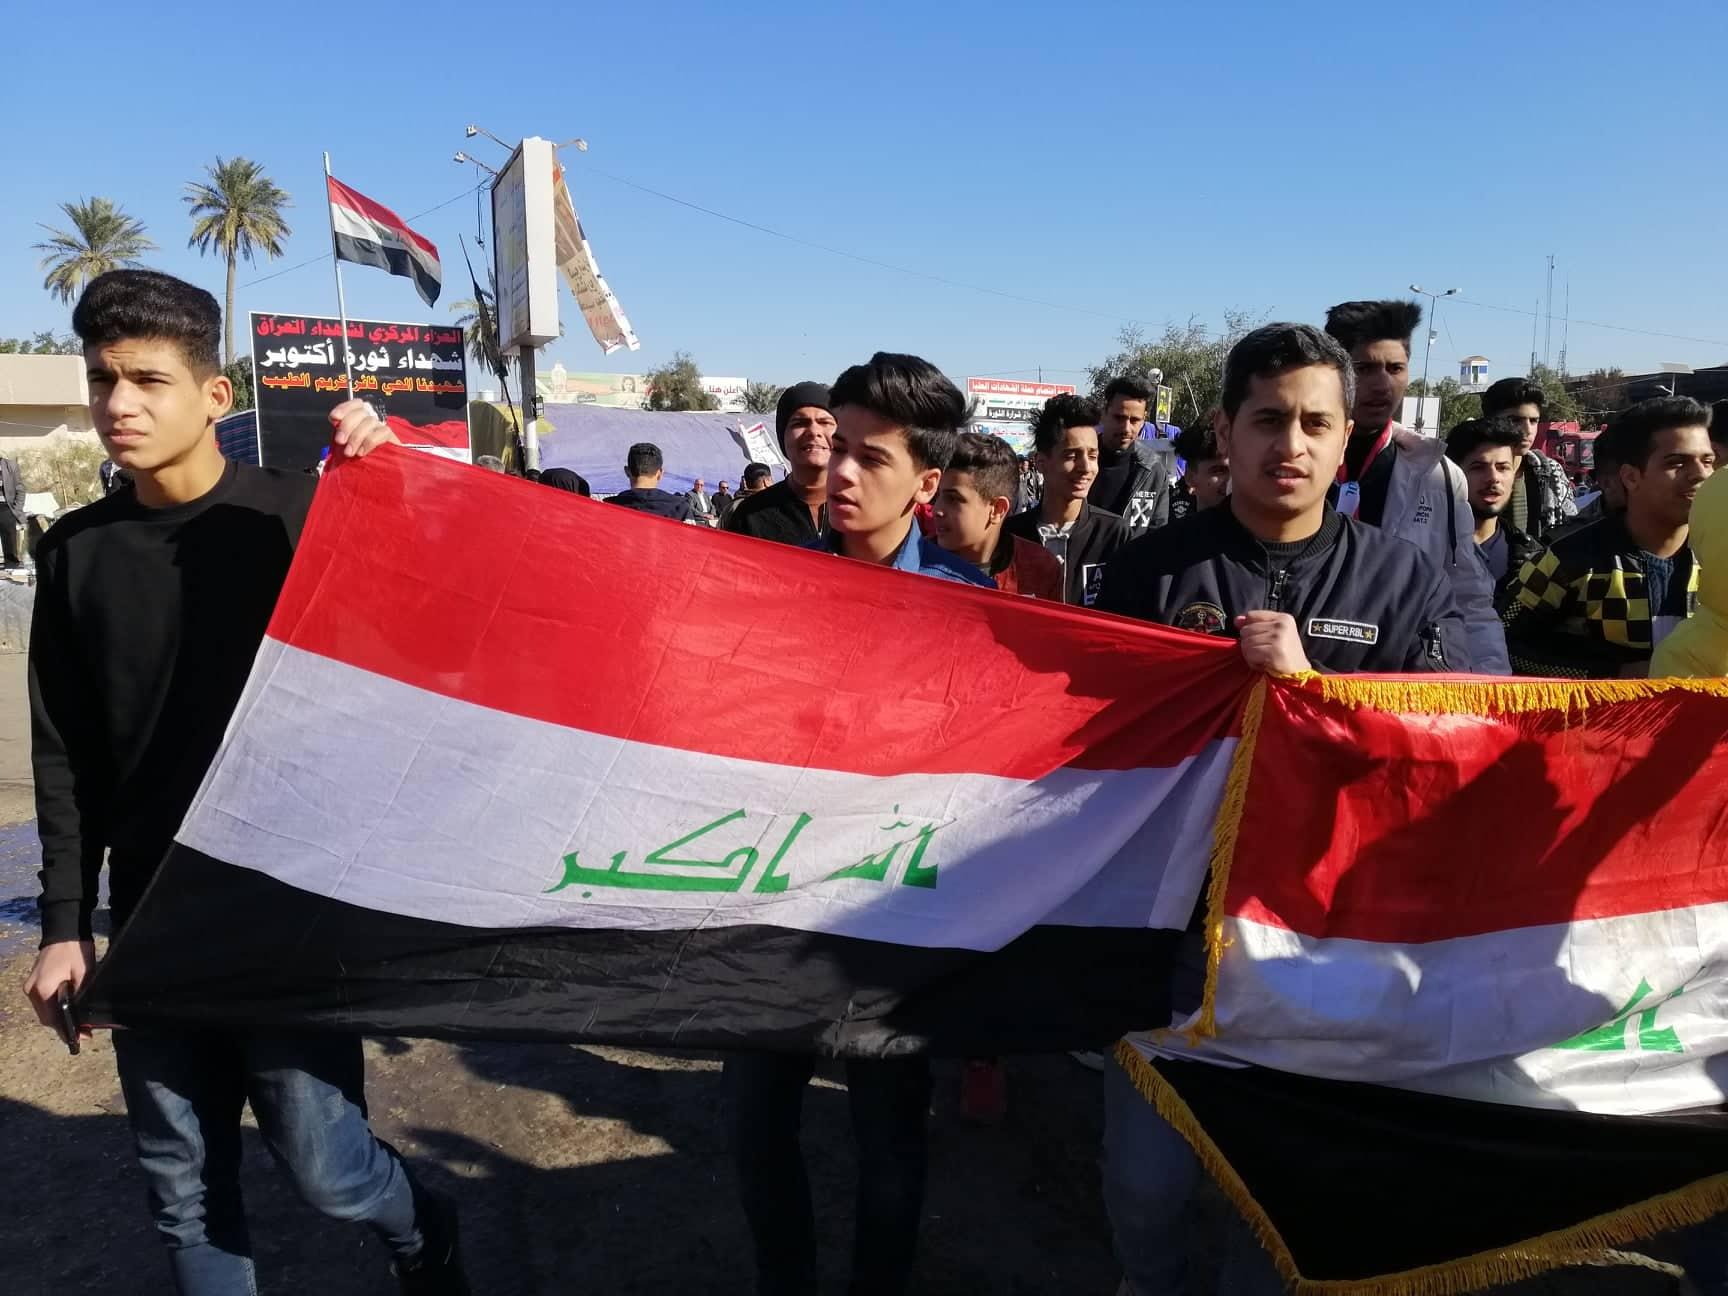 متظاهرو الديوانية يعلنون خطتهم للتصعيد بالتنسيق مع ذي قار